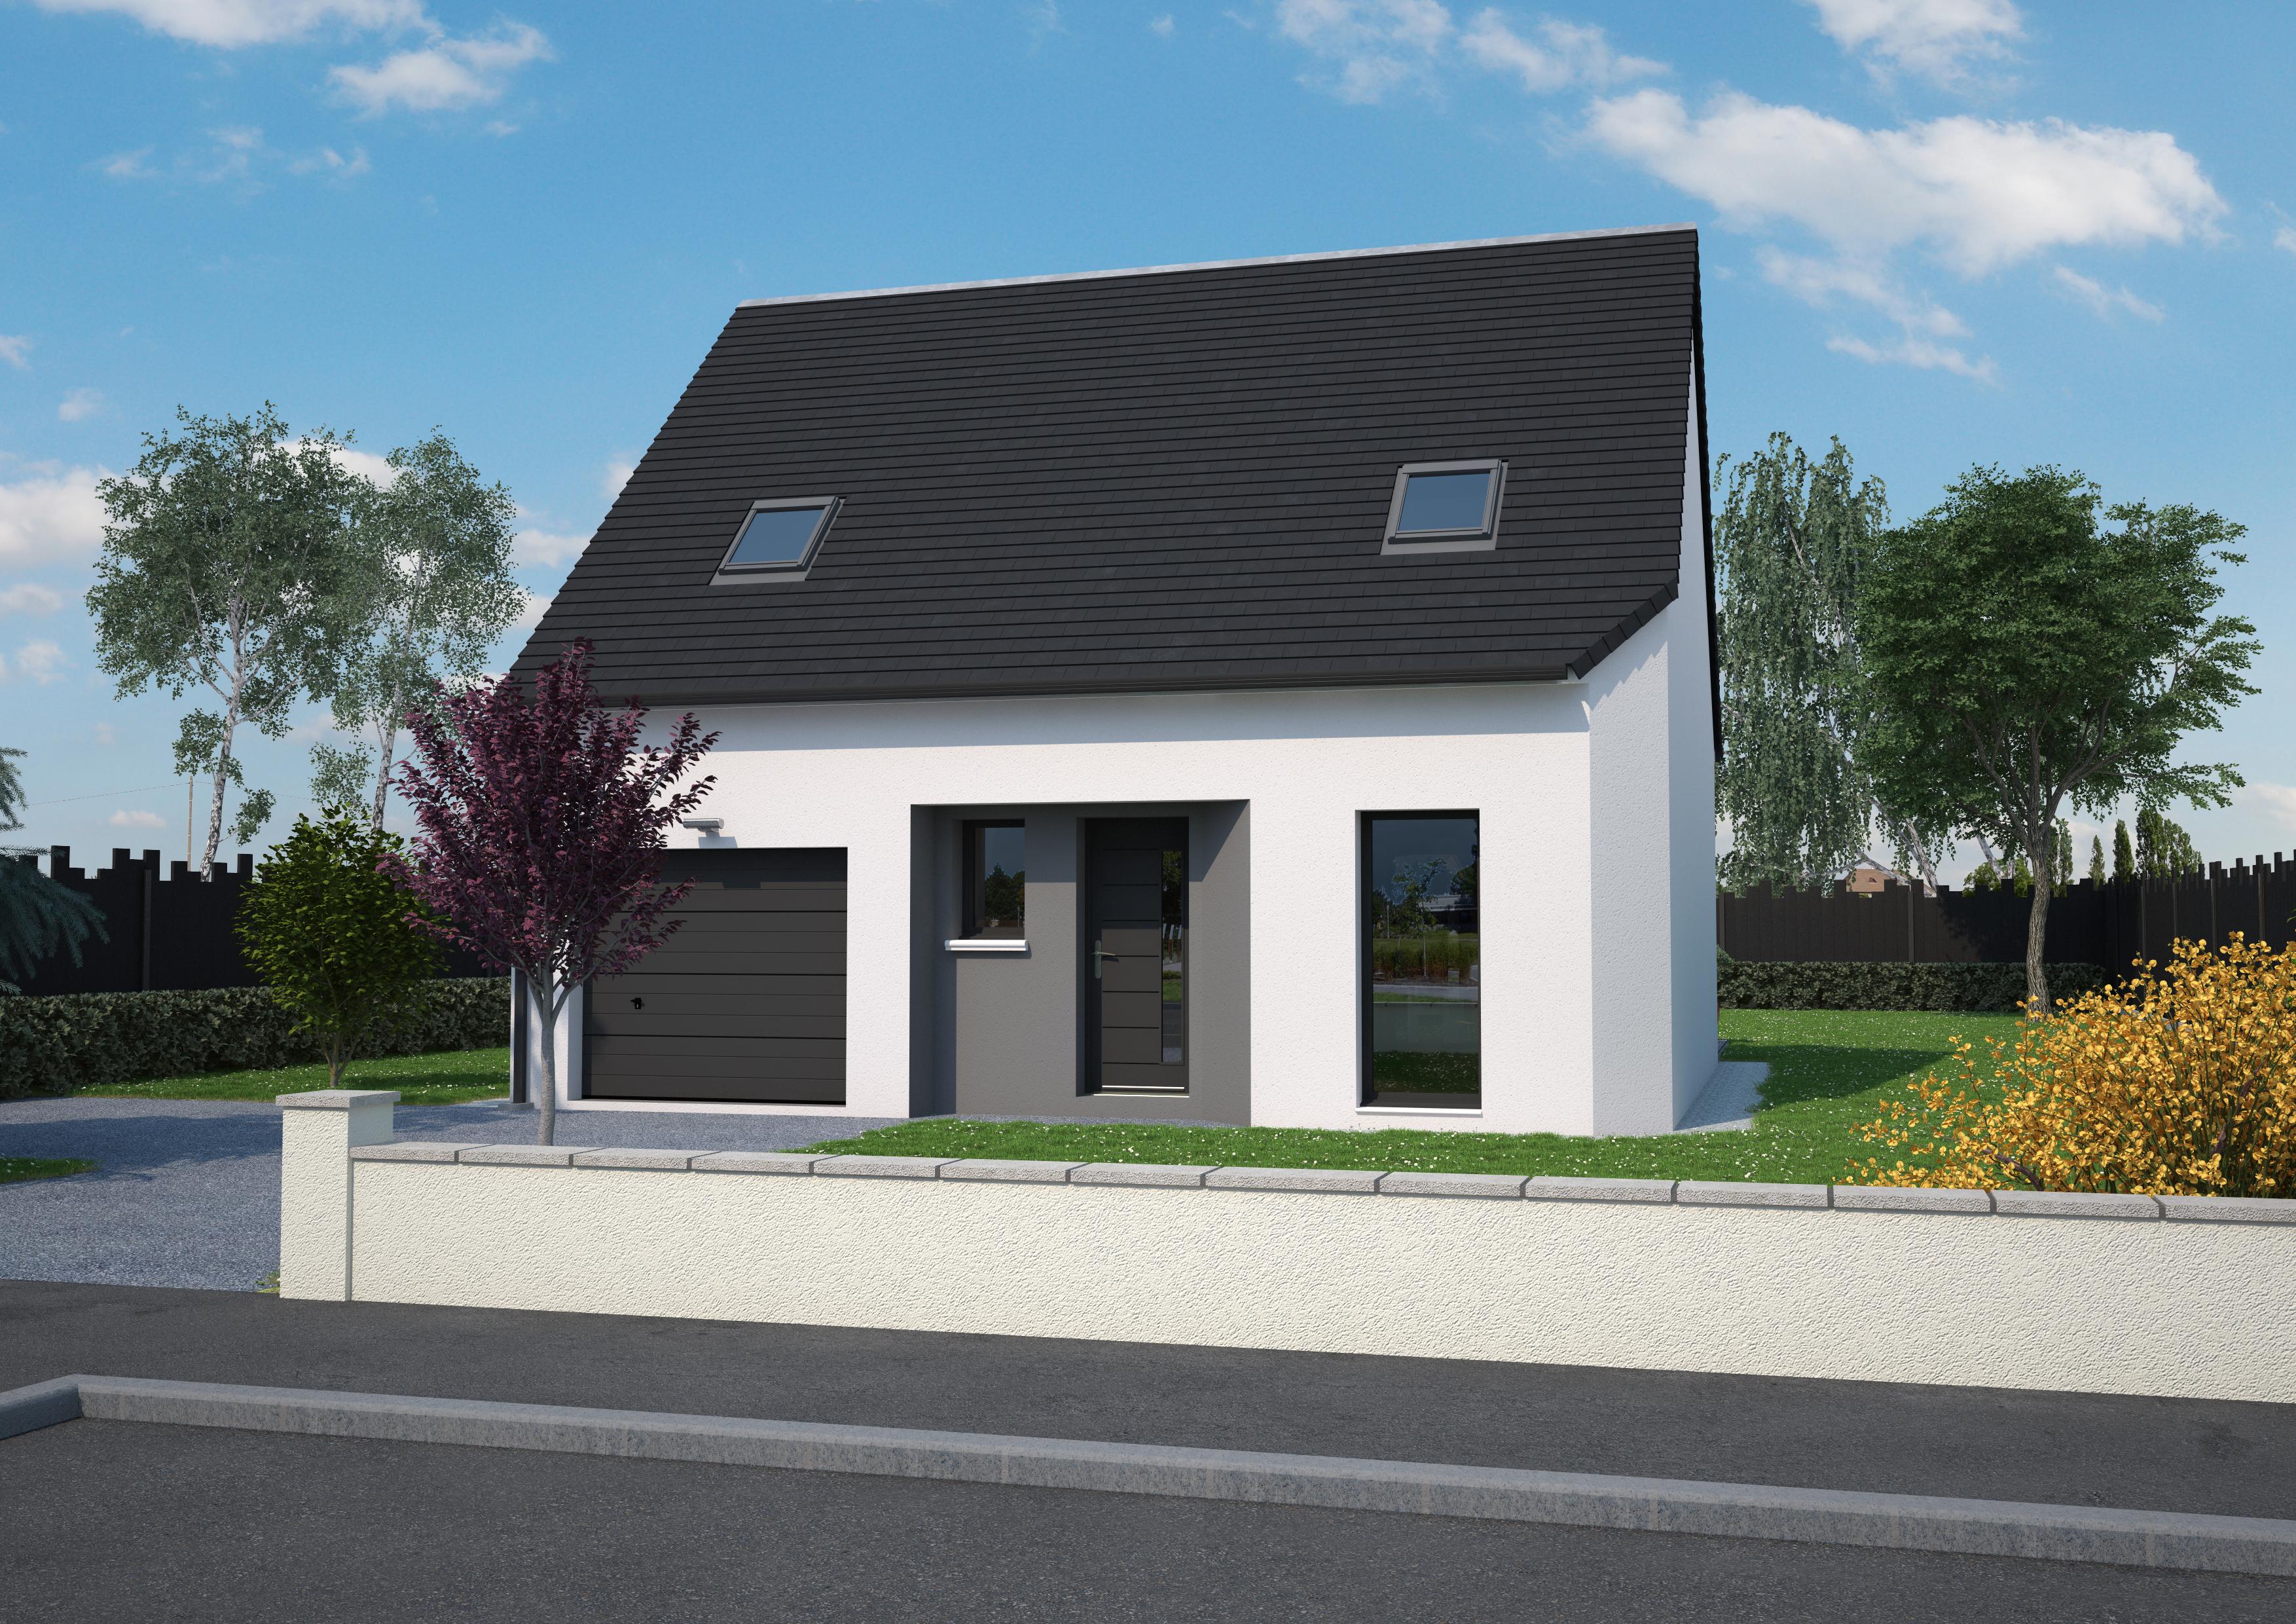 Maison à vendre à Roche-Clermault